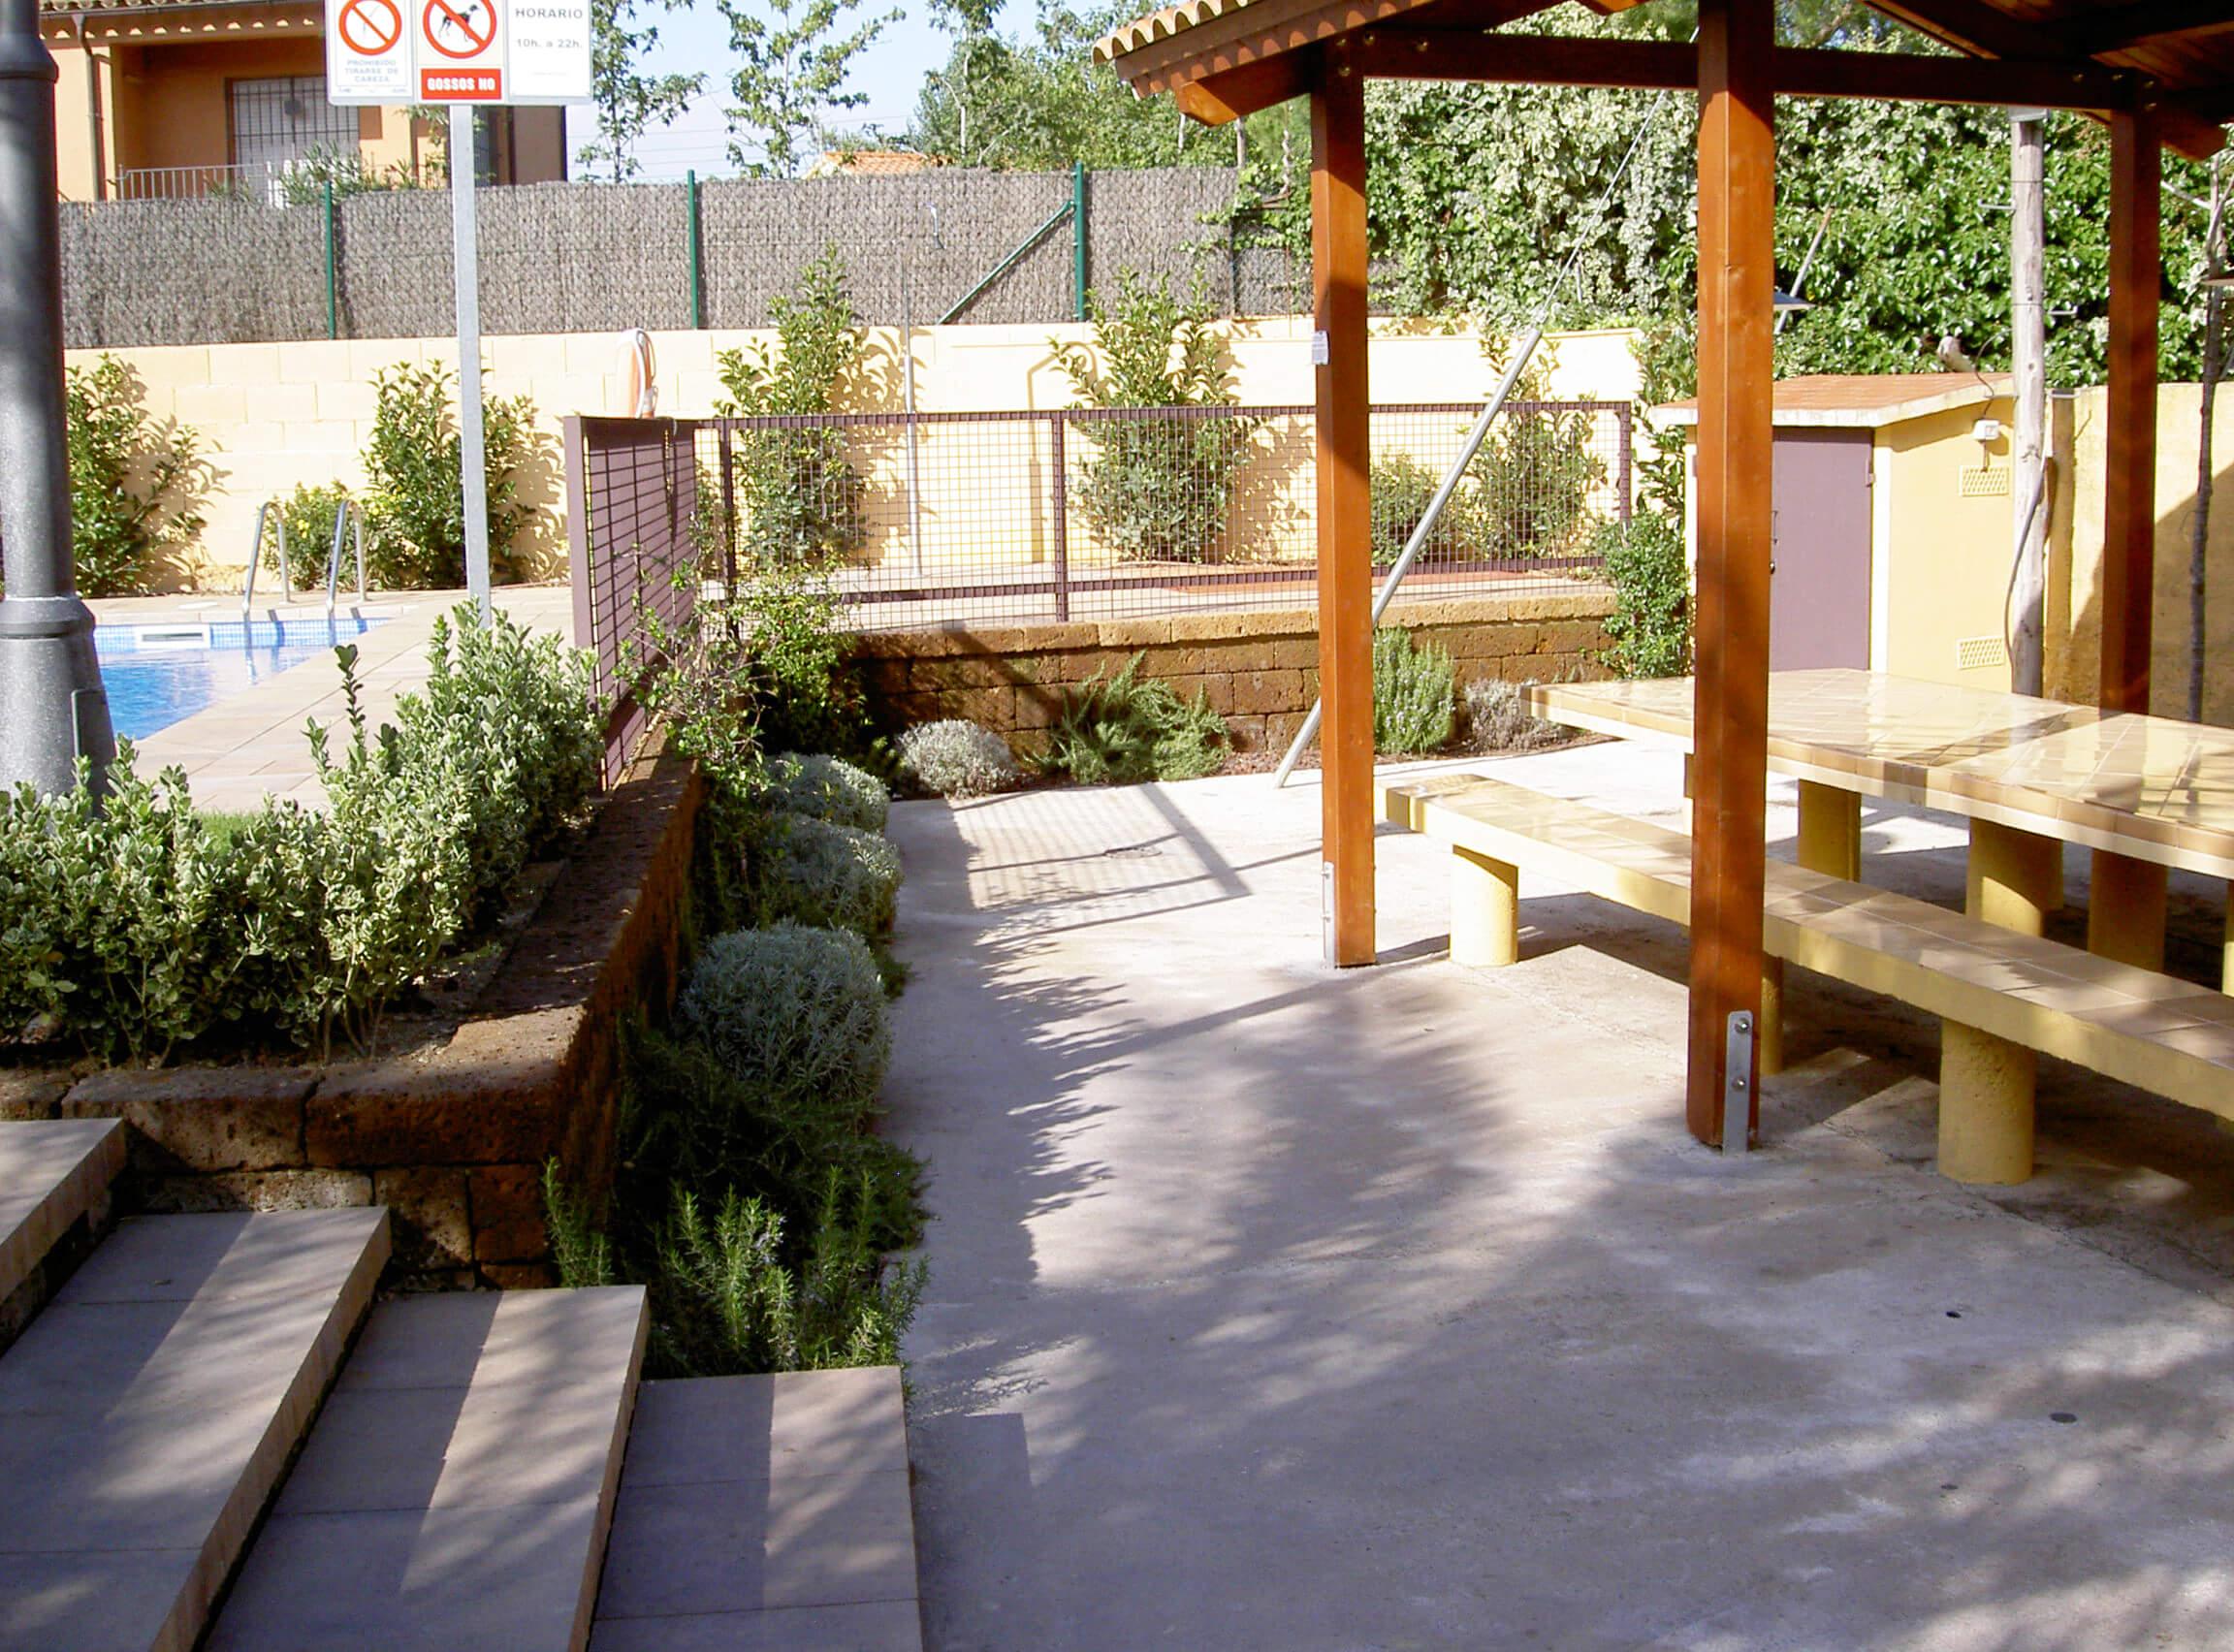 Comunitat Clos Surera. Adequació i disseny jardineria, piscina, il.luminació